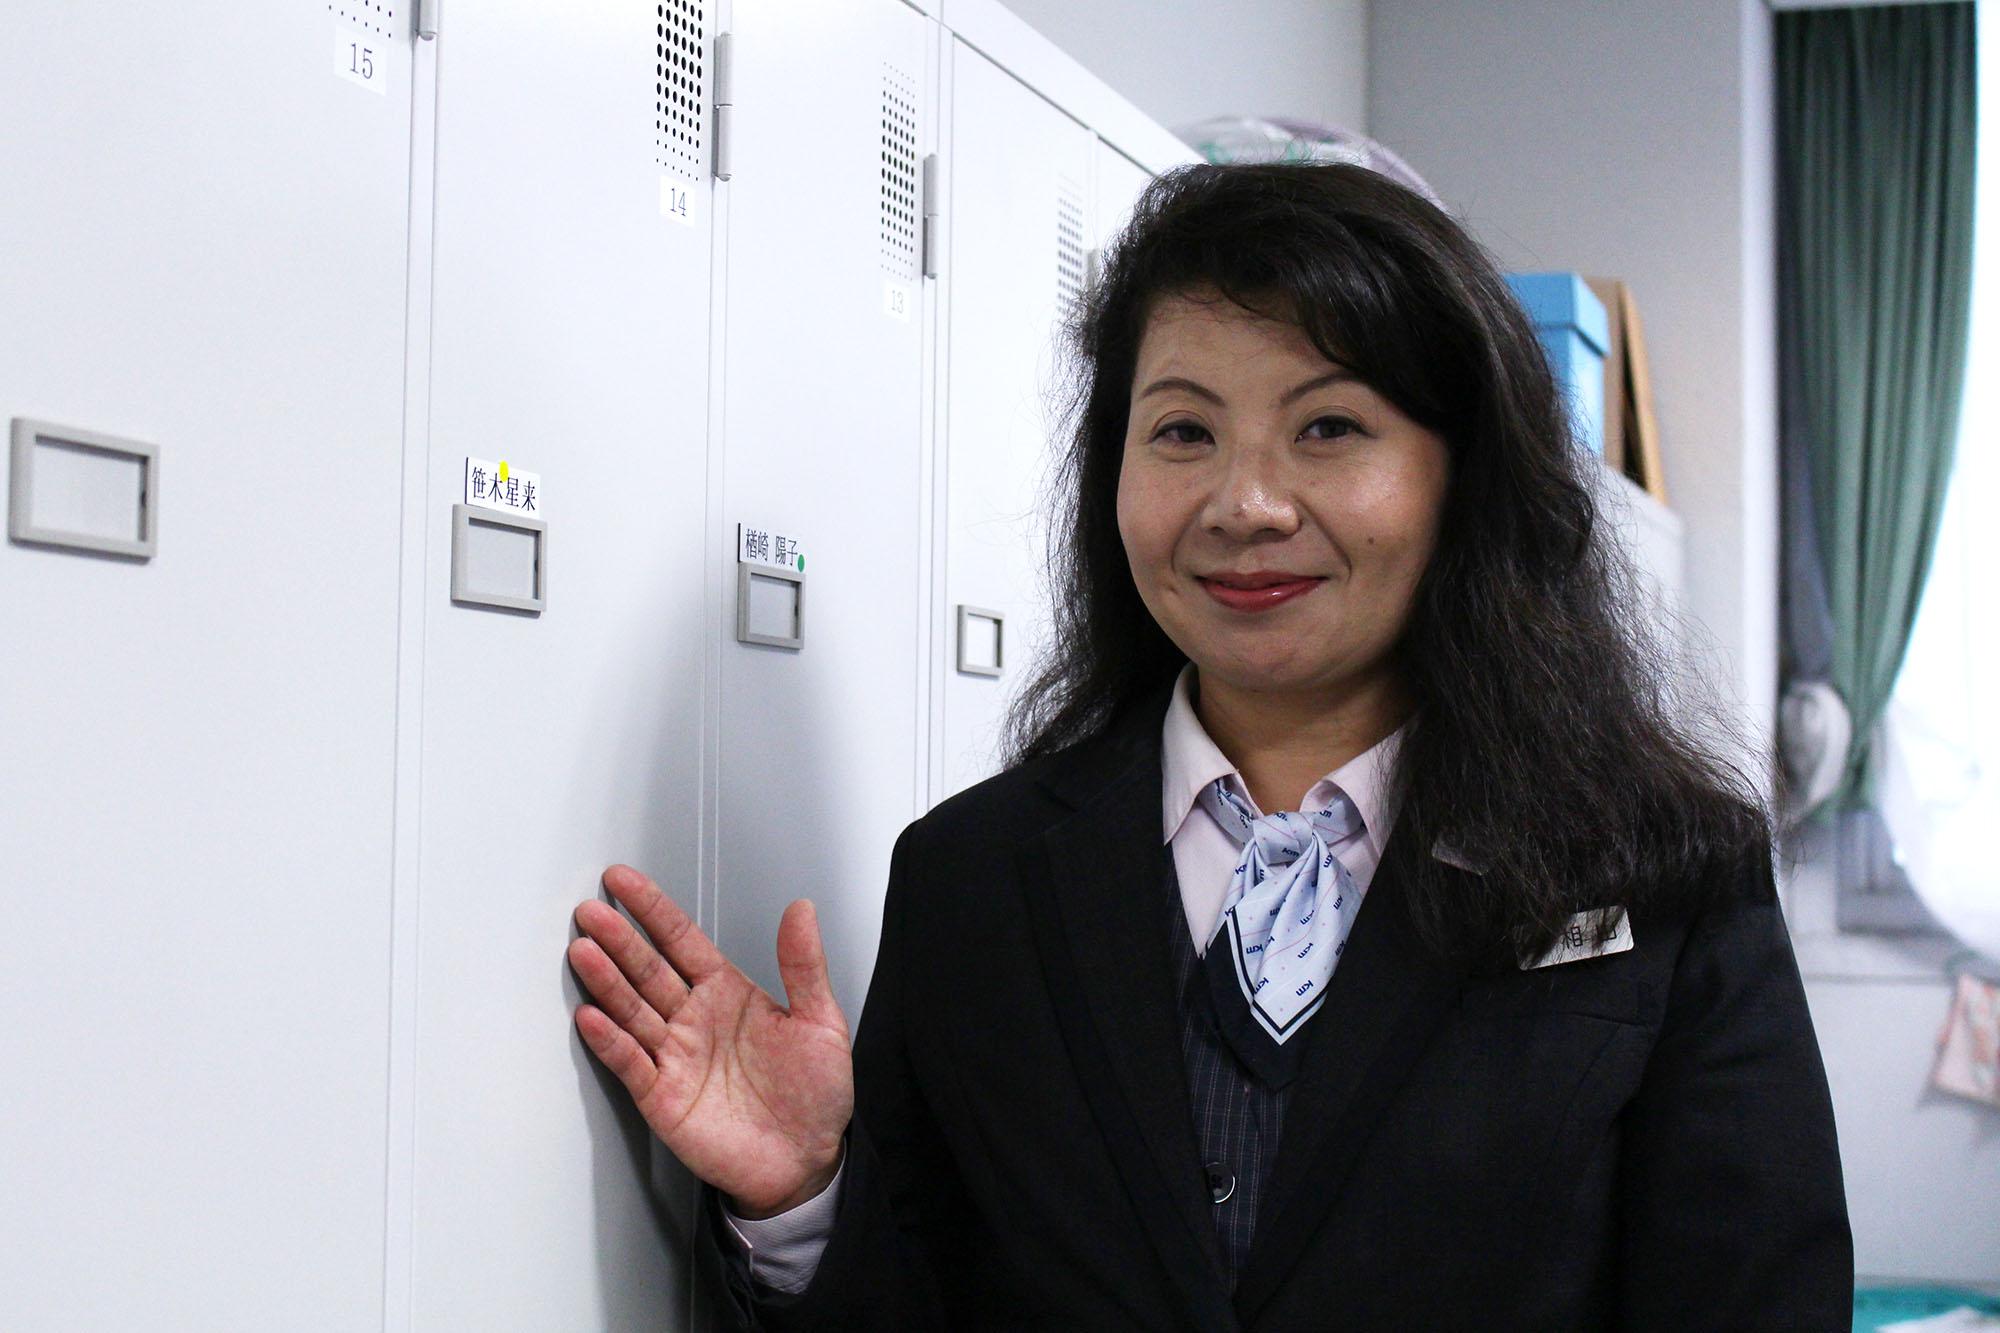 女性用更衣室が整備された国際自動車(kmタクシー)で女性タクシードライバーとして働く相山さん